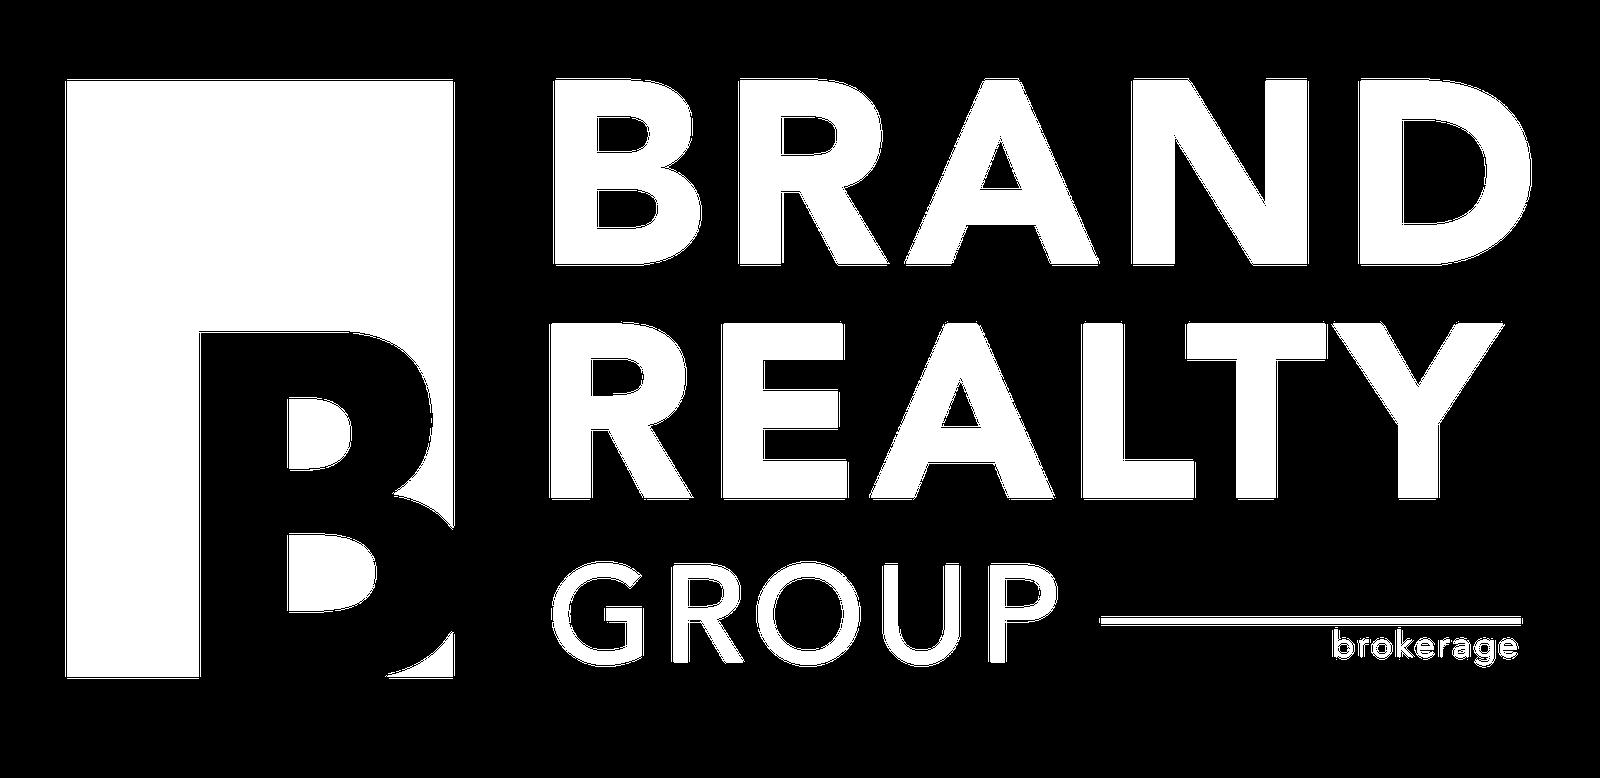 wiarton real estate